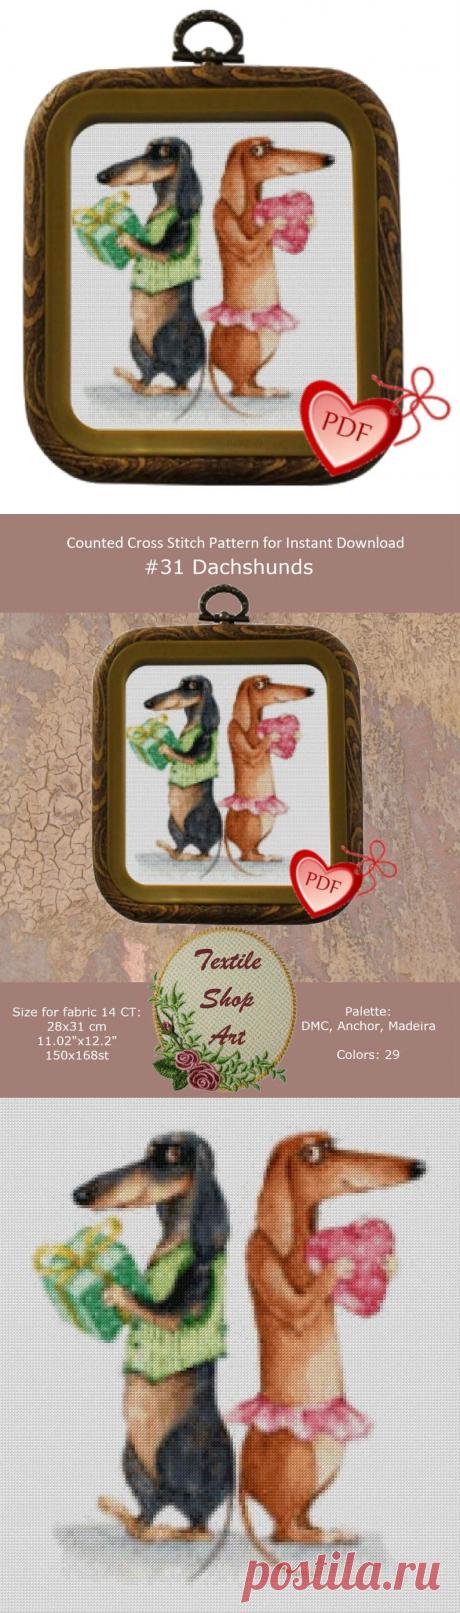 Cute Dachshunds Cross Stitch Pattern PDF Embroidery Pattern | Etsy